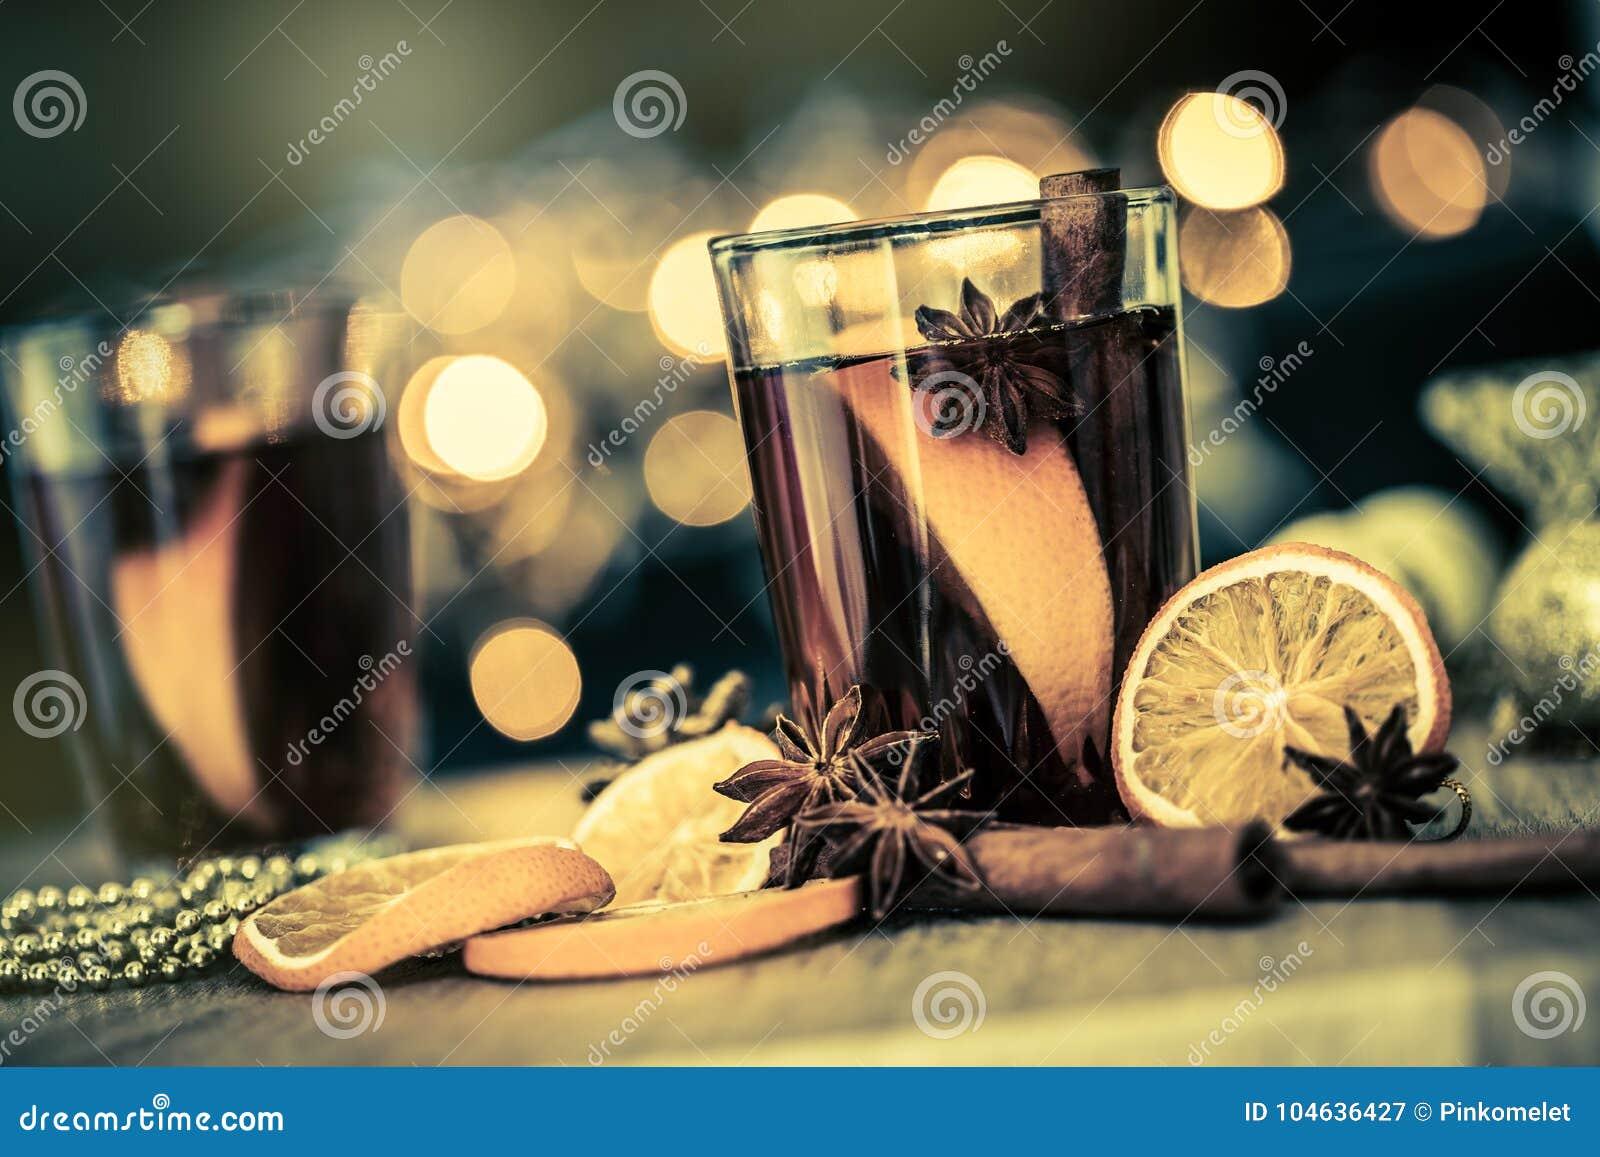 Download Overwogen Wijn In Nachtviering Van Een Een Nieuwjaarpartij En Delici Stock Afbeelding - Afbeelding bestaande uit kerstmis, helder: 104636427